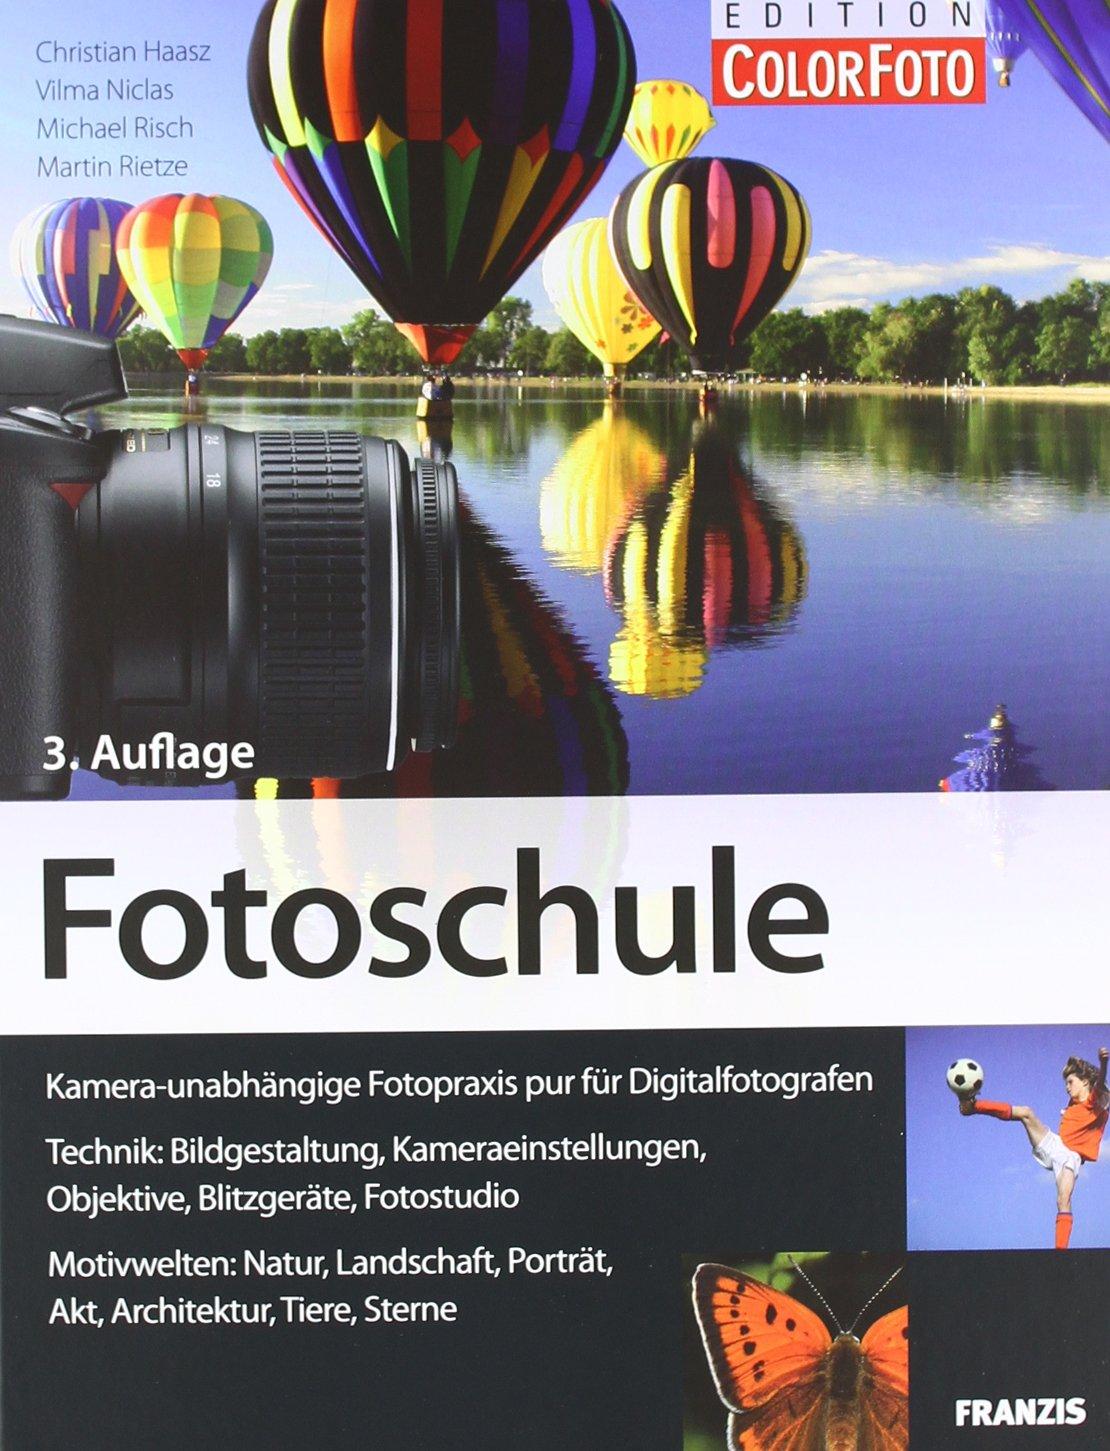 Fotoschule: Bildgestaltung und Aufnahmetechniken für Digitalfotografen: Kamera-unabhängige Fotopraxis für Digitalfotografen